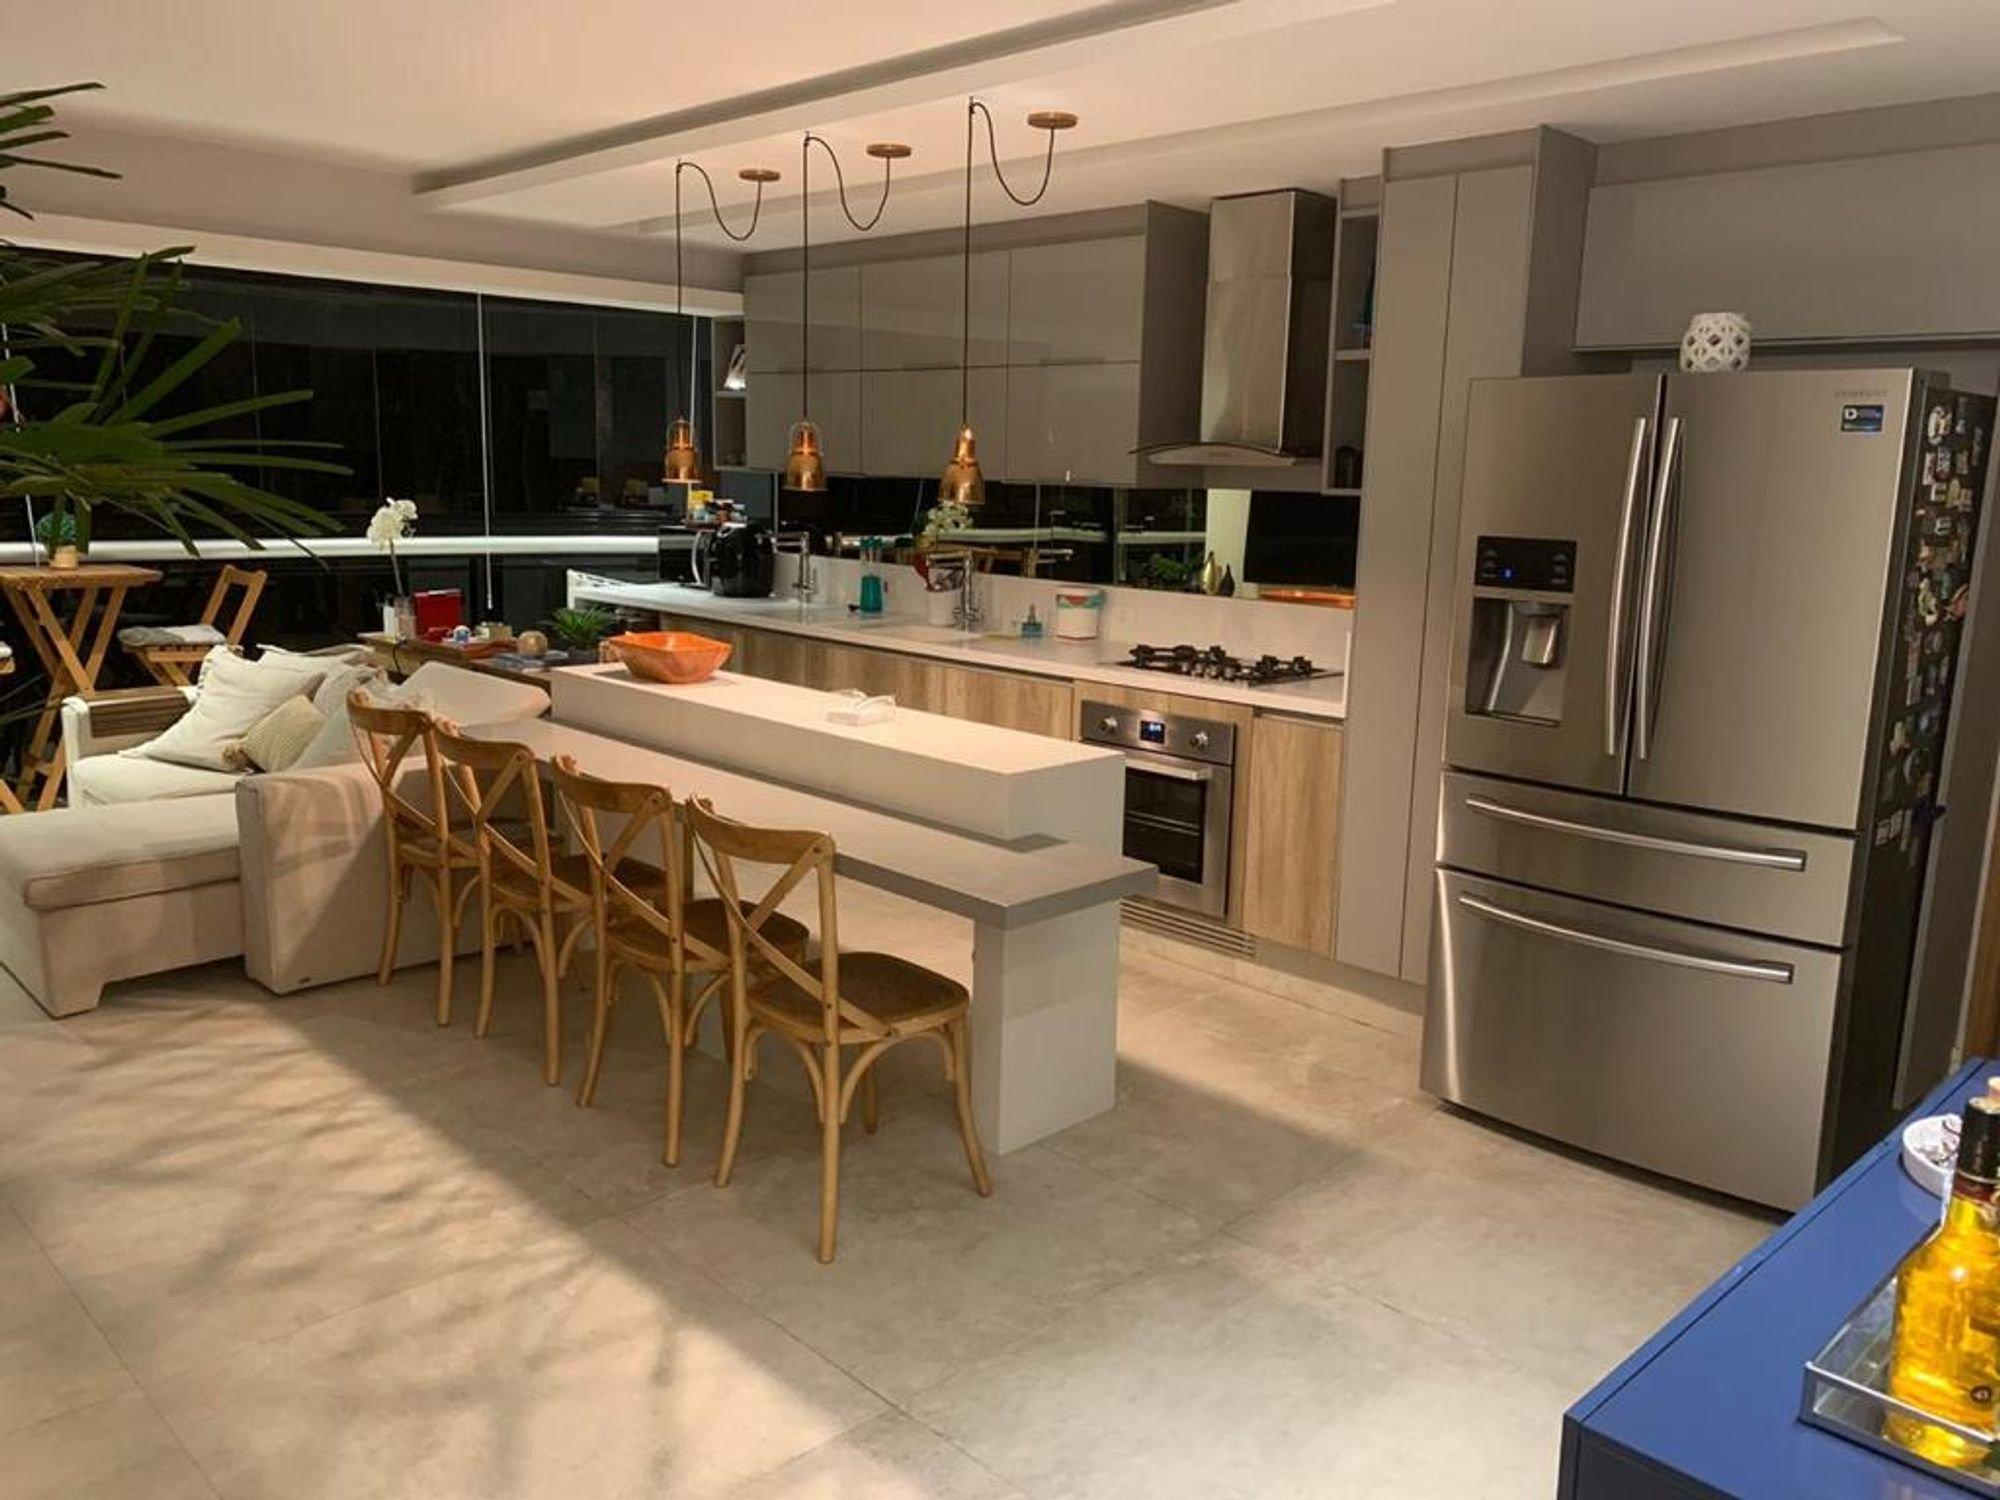 Foto de Cozinha com forno, tigela, geladeira, cadeira